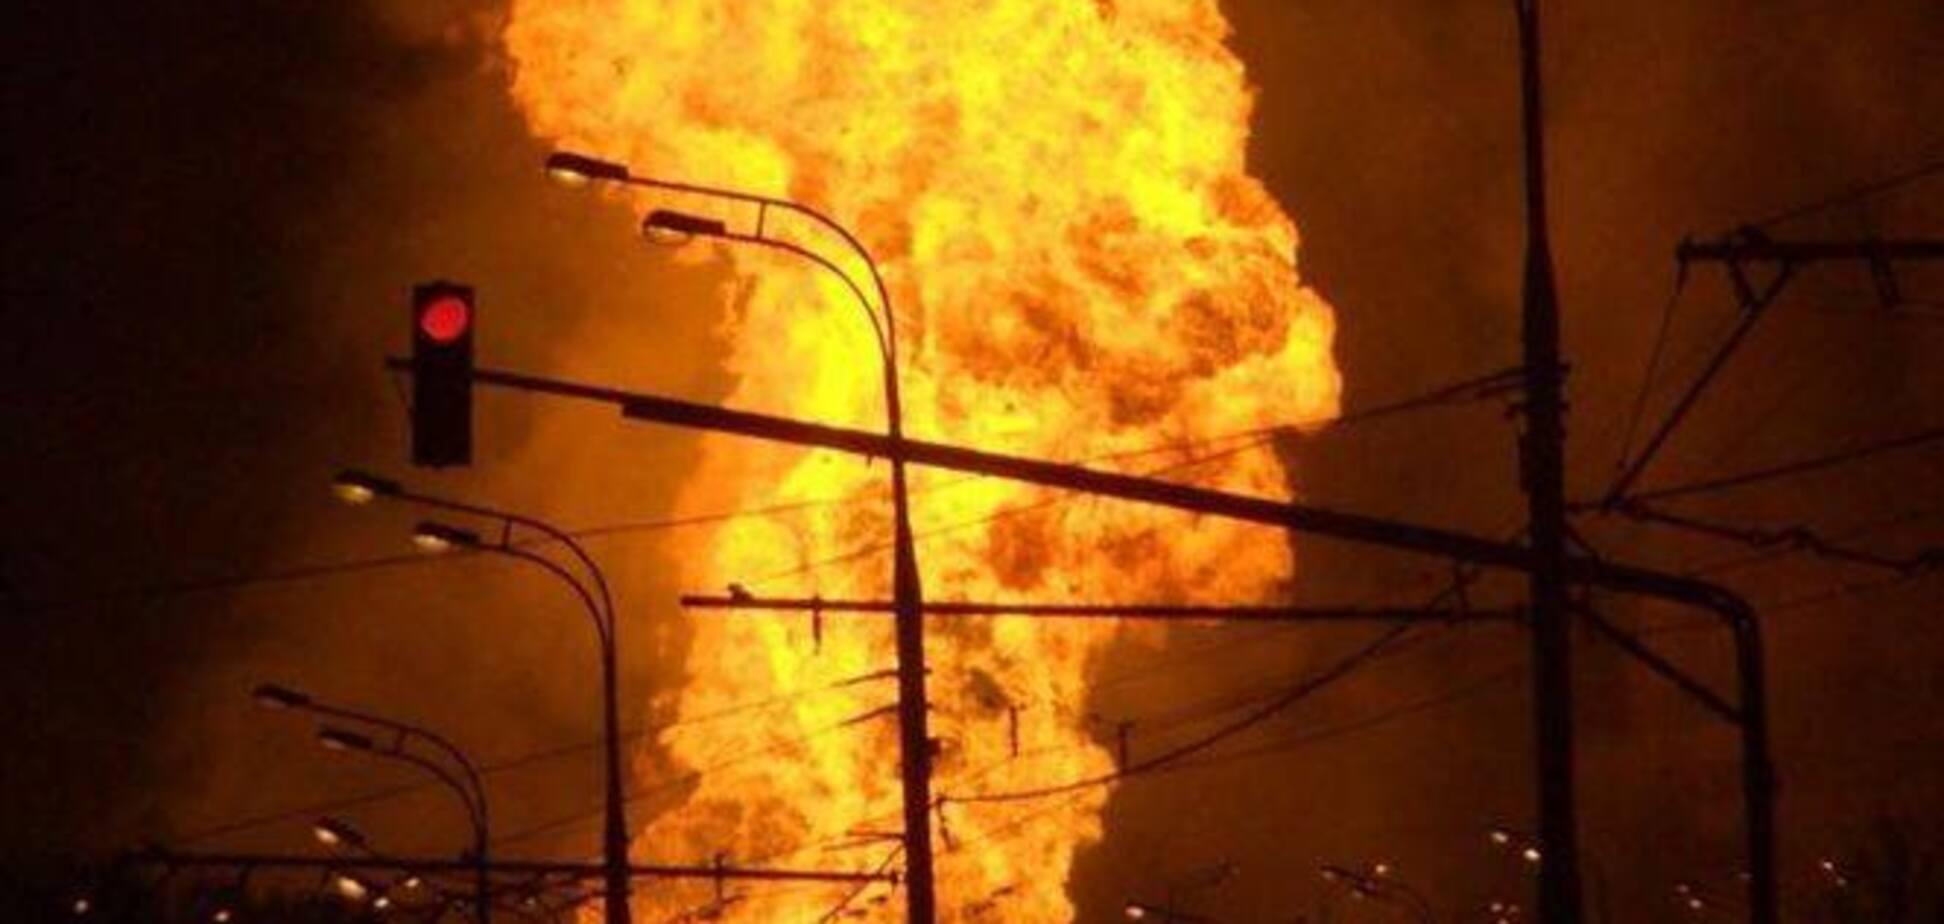 Сомнений нет, пожар в Калиновке - российская диверсия